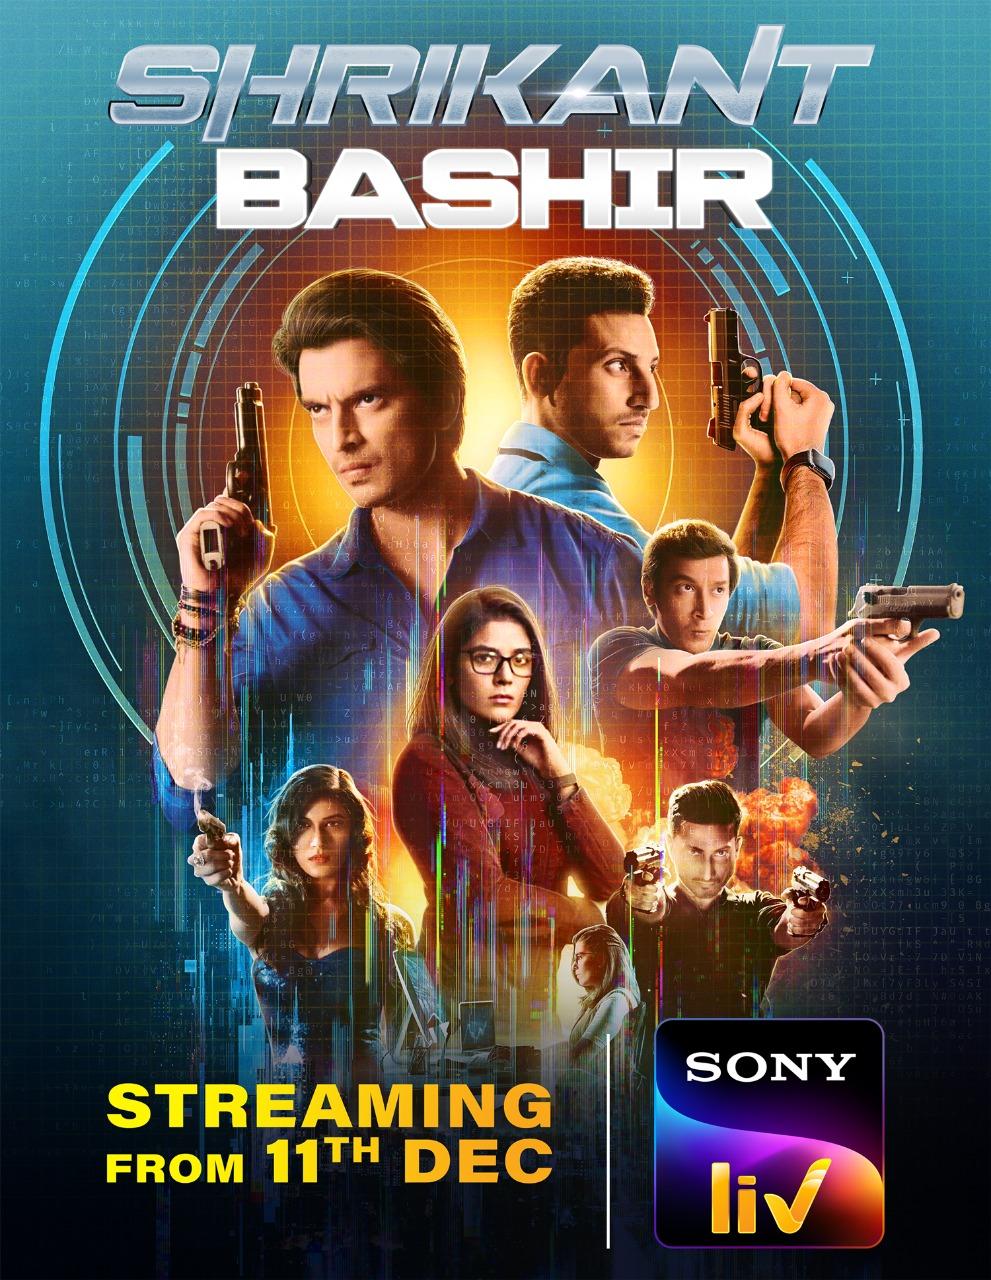 Шрикант и Башир / Shrikant Bashir